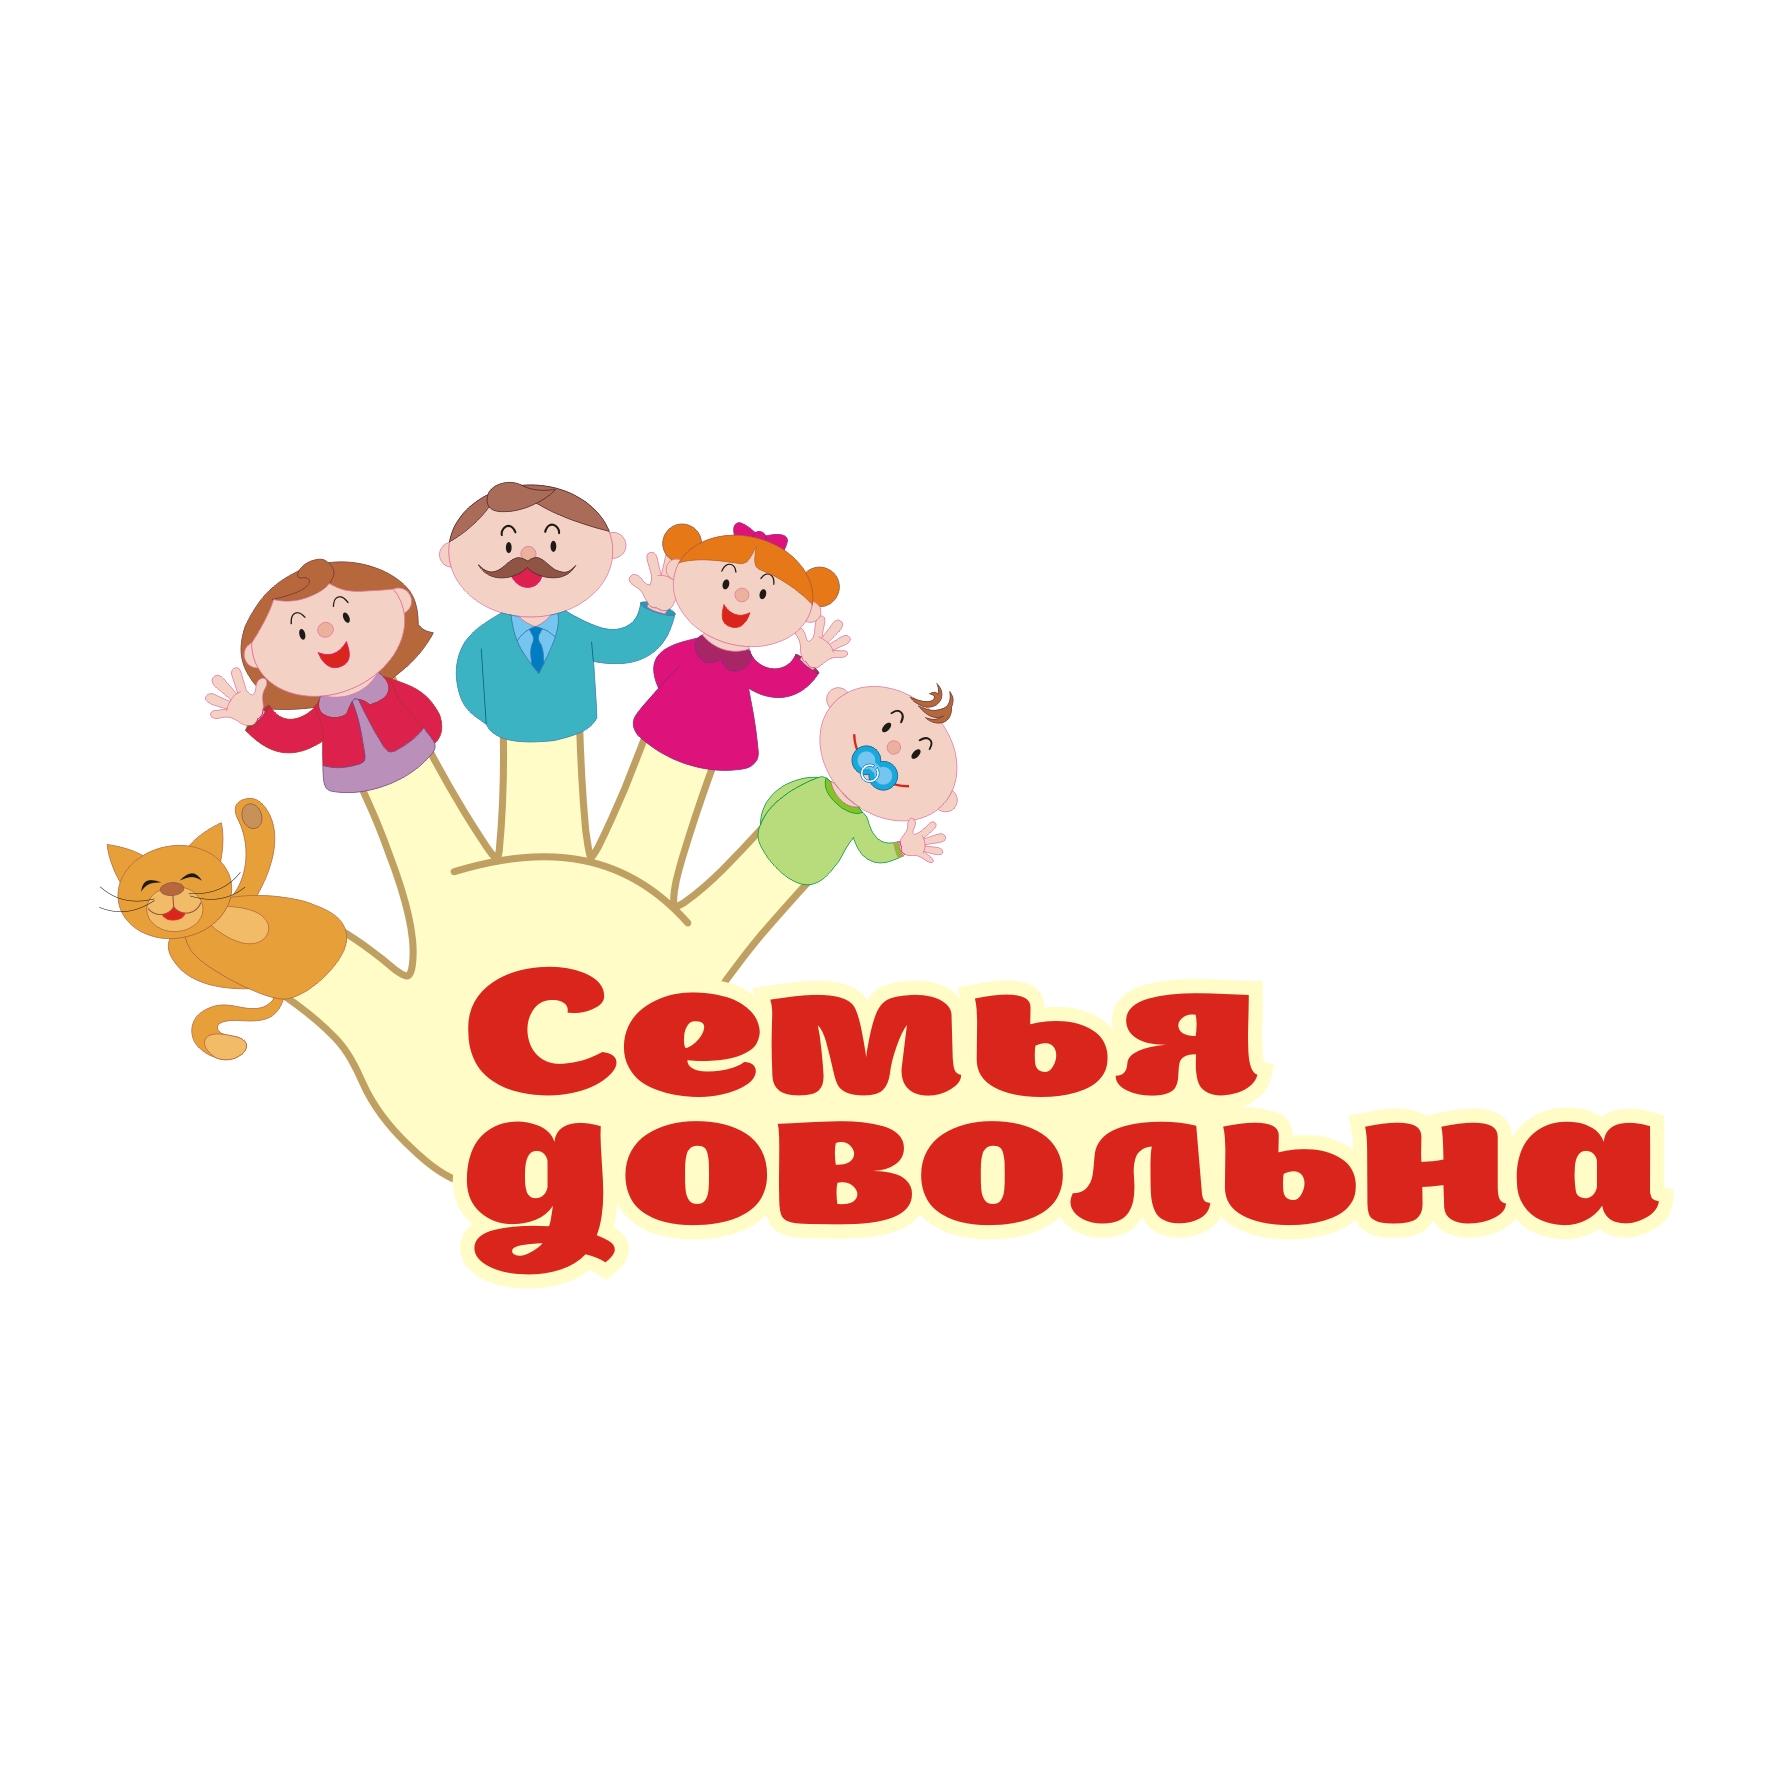 """Разработайте логотип для торговой марки """"Семья довольна"""" фото f_467596a422781620.jpg"""